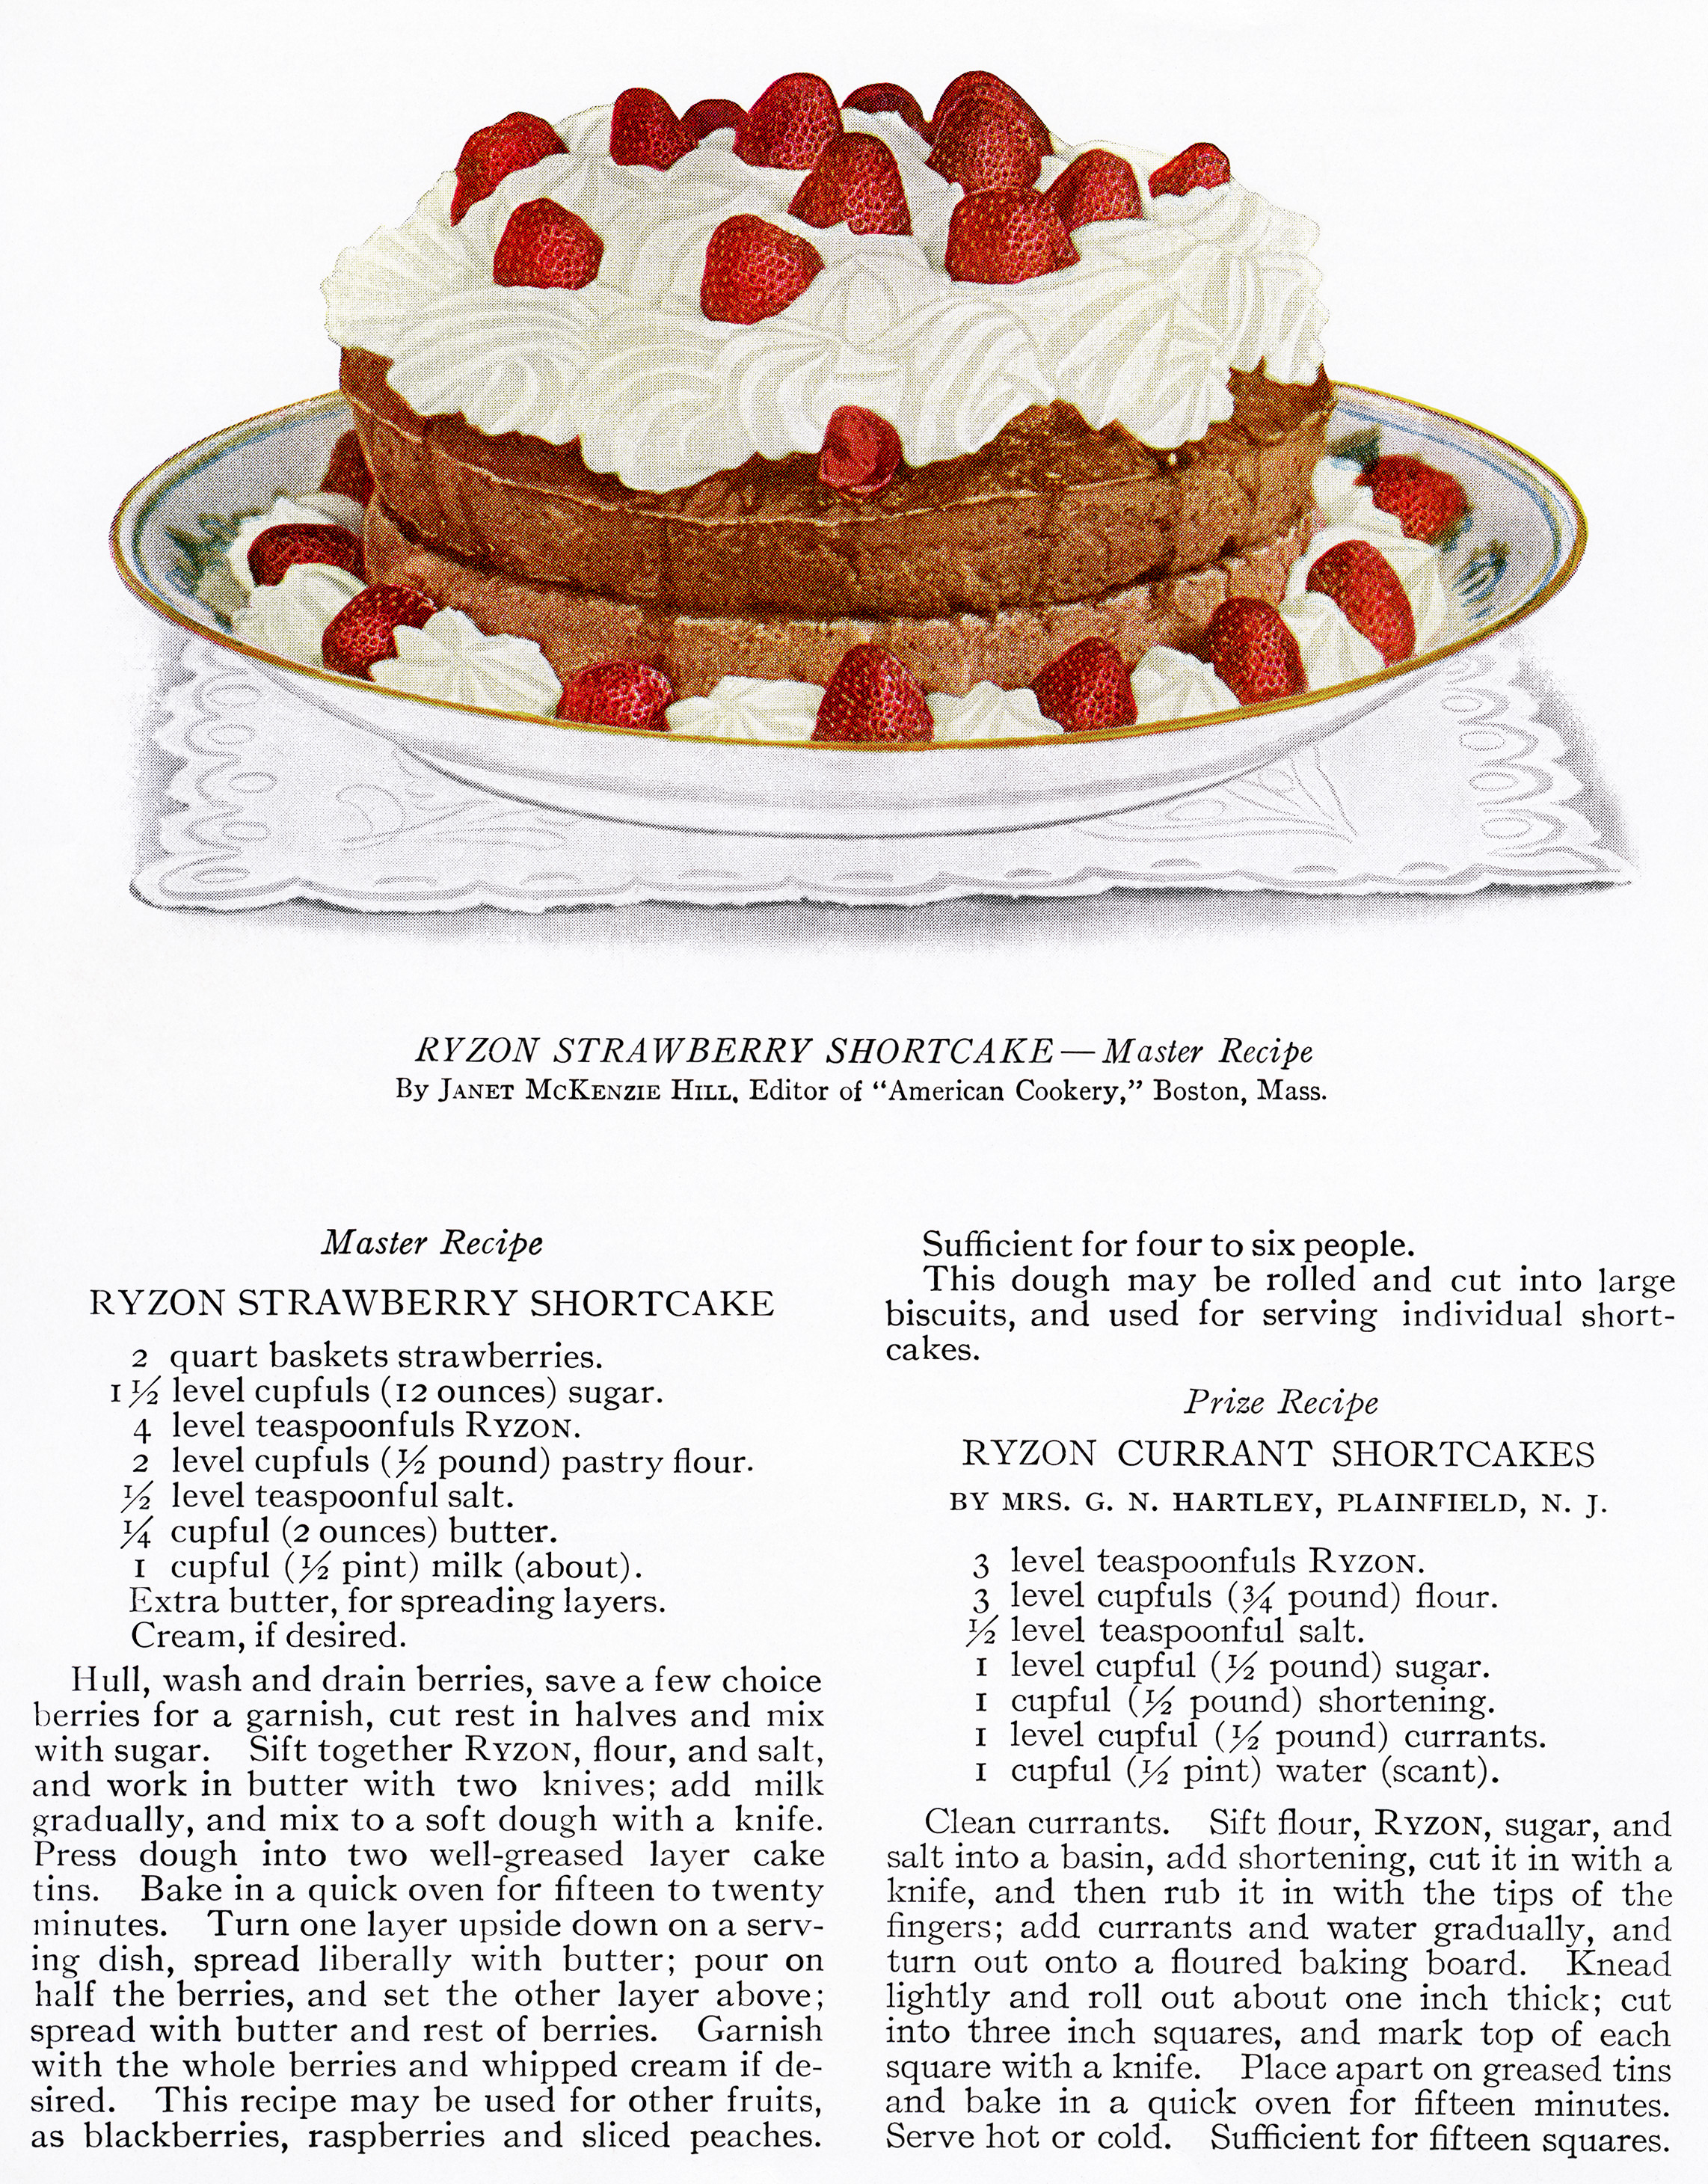 Strawberry Shortcake ~ Free Vintage Food Image - Old Design Shop Blog - Free Printable Dessert Recipes